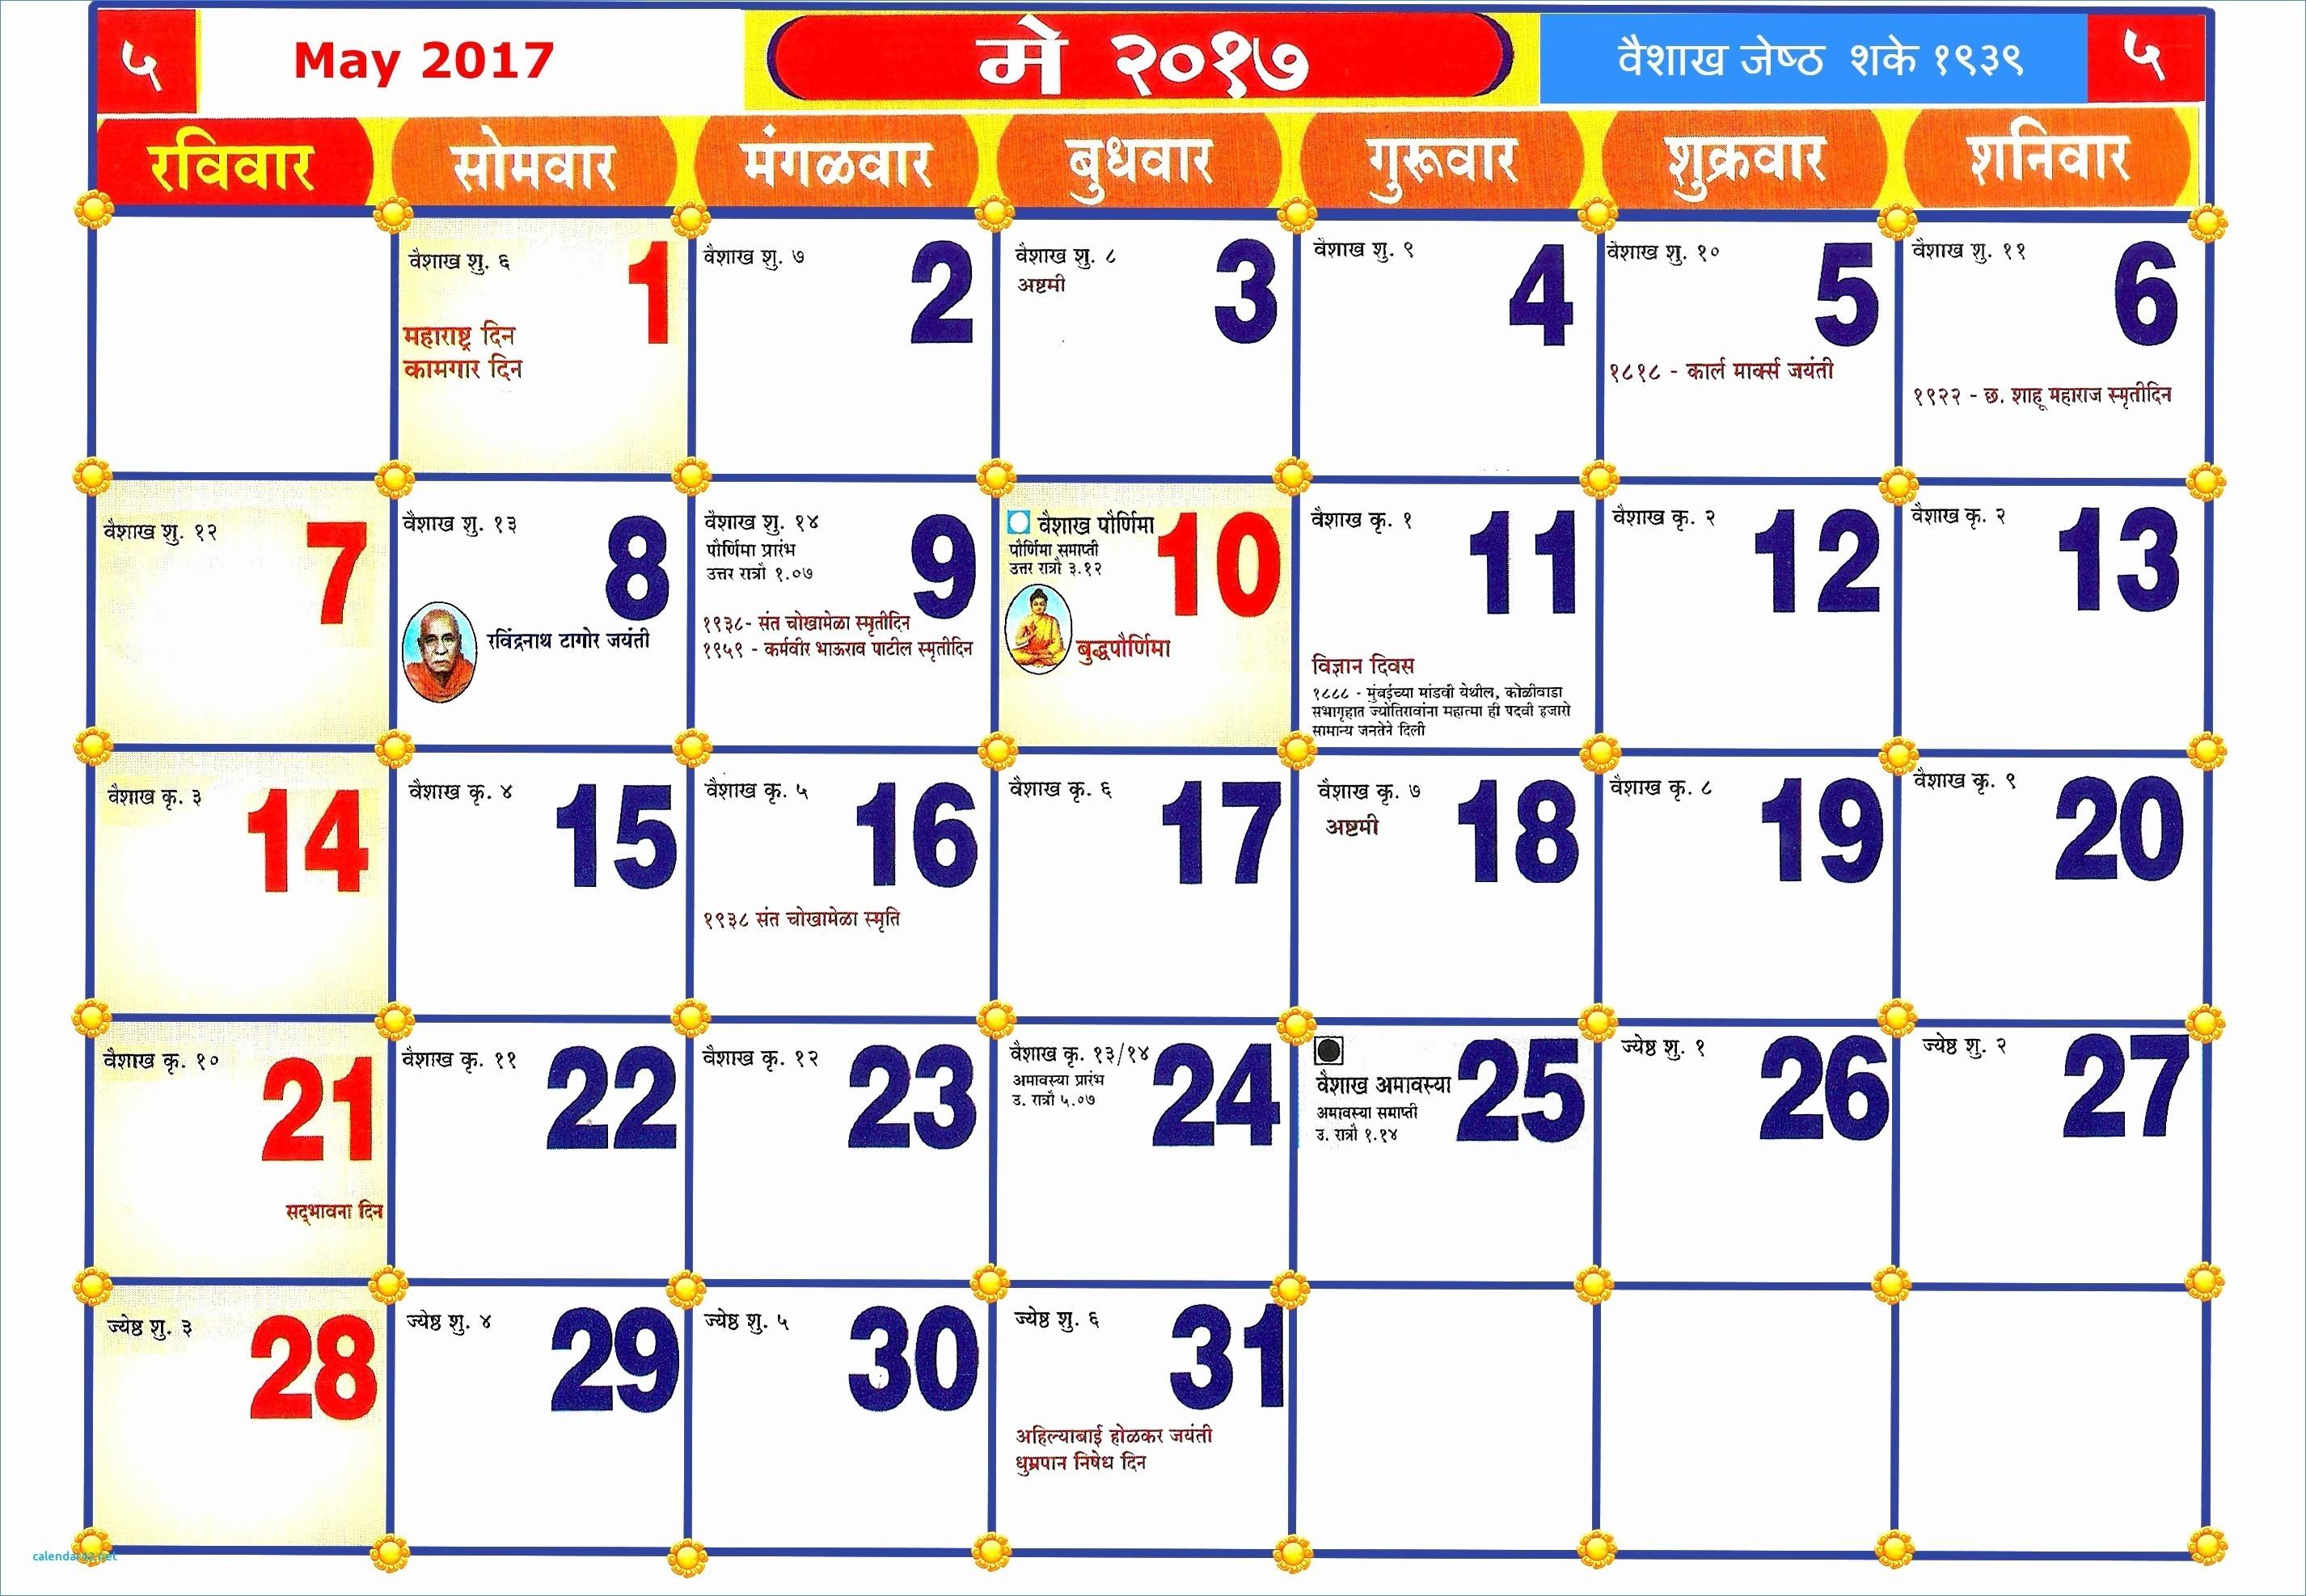 Calendario Enero 2019 Para Imprimir A4 Más Recientes Verificar Kalender 2019 Pdf Din A3 Calendario 2019 Of Calendario Enero 2019 Para Imprimir A4 Actual Calendario Diciembre De 2019 53ld Calendario T